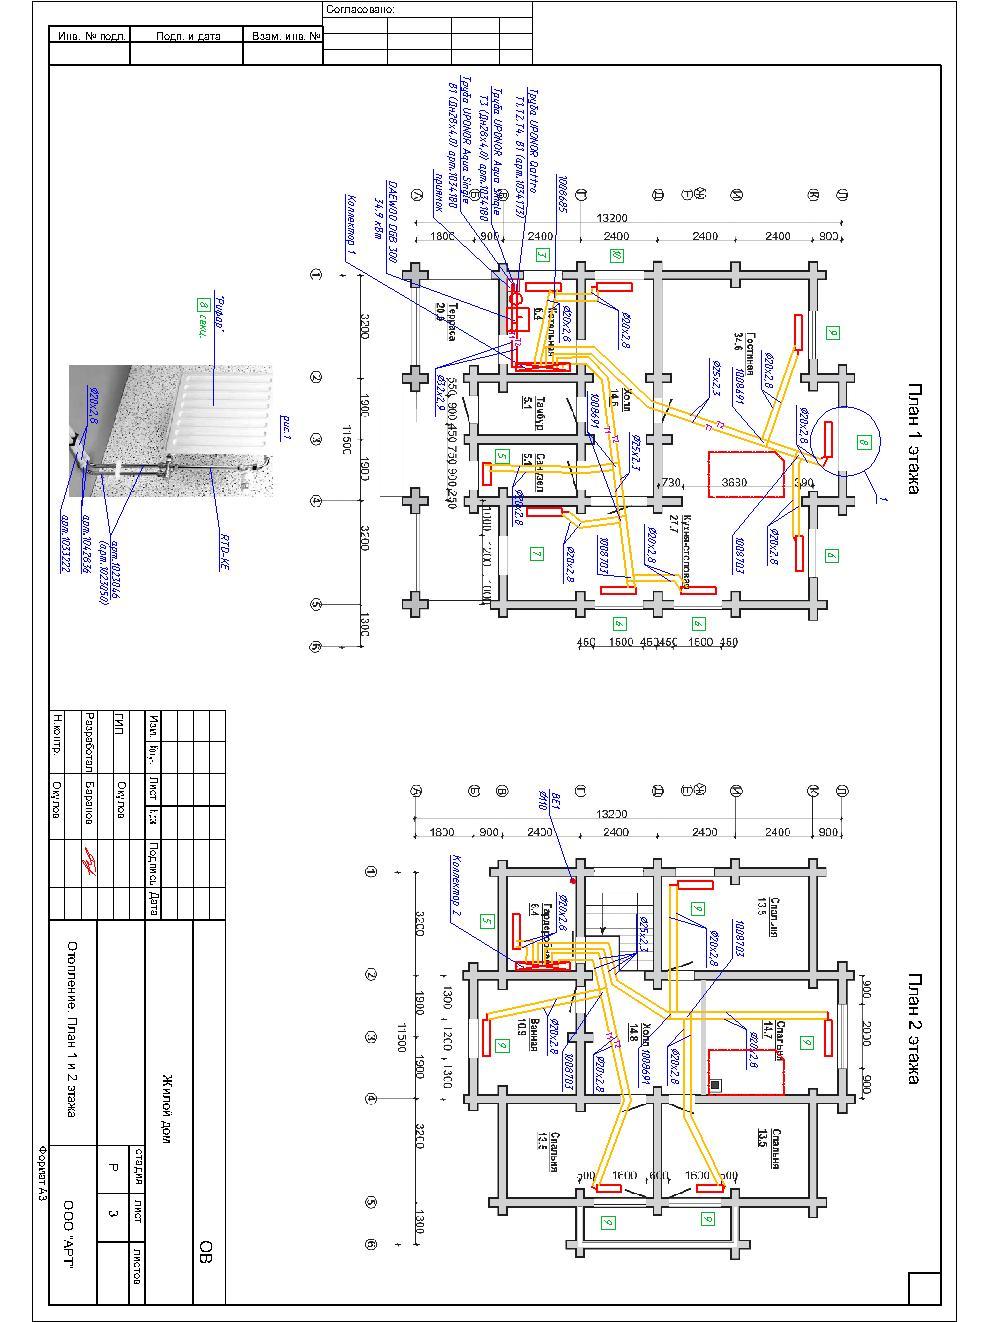 Panneau rayonnant eau chaude estimation prix du m2 caen for Calcul puissance pompe a chaleur piscine